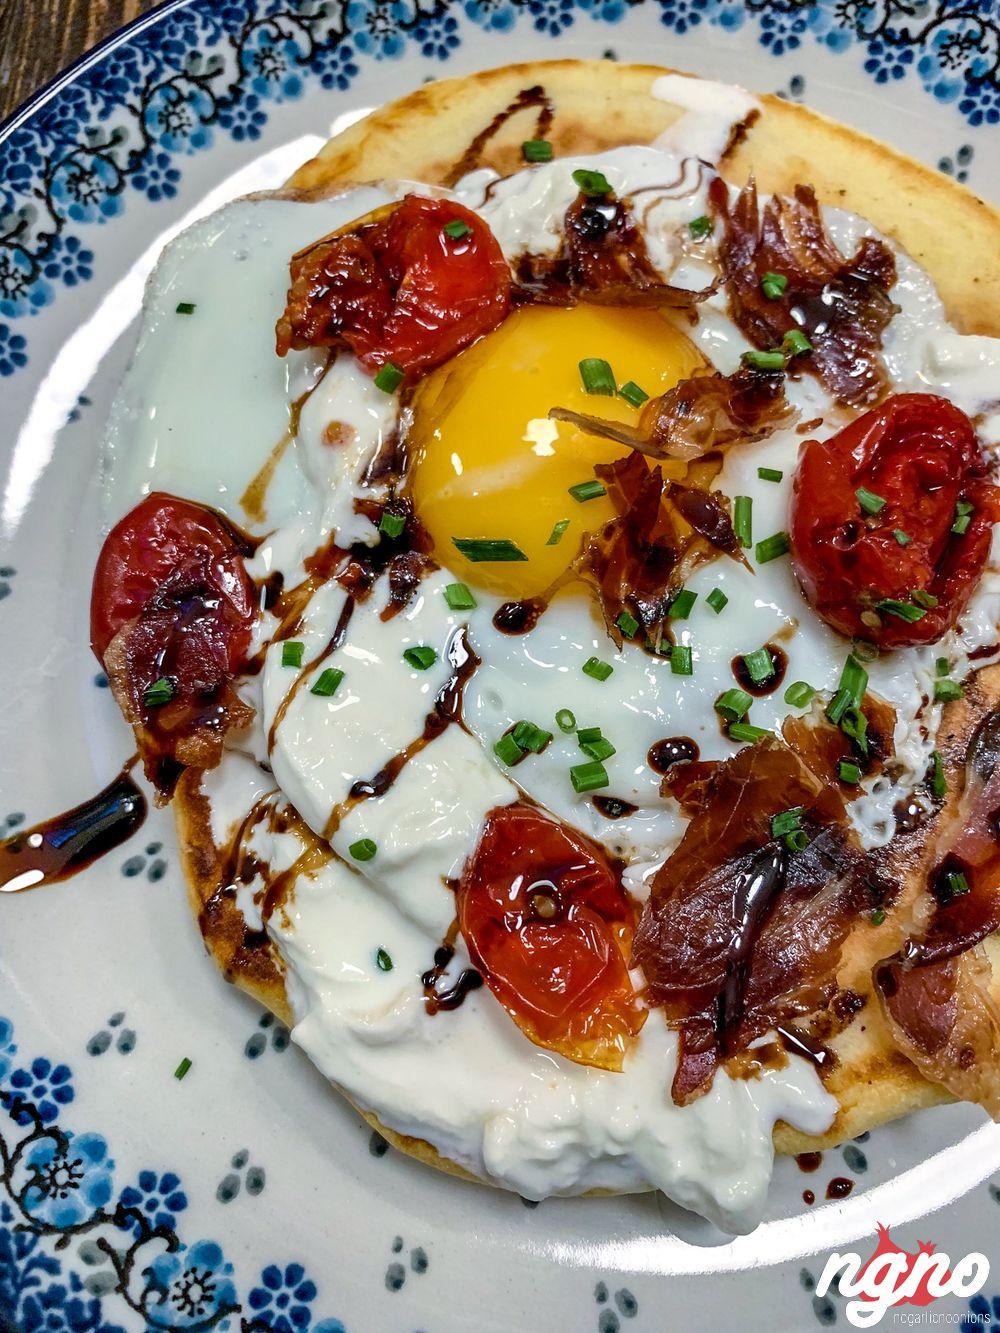 biglove-breakfast-paris-nogarlicnoonions-342018-10-13-05-40-02